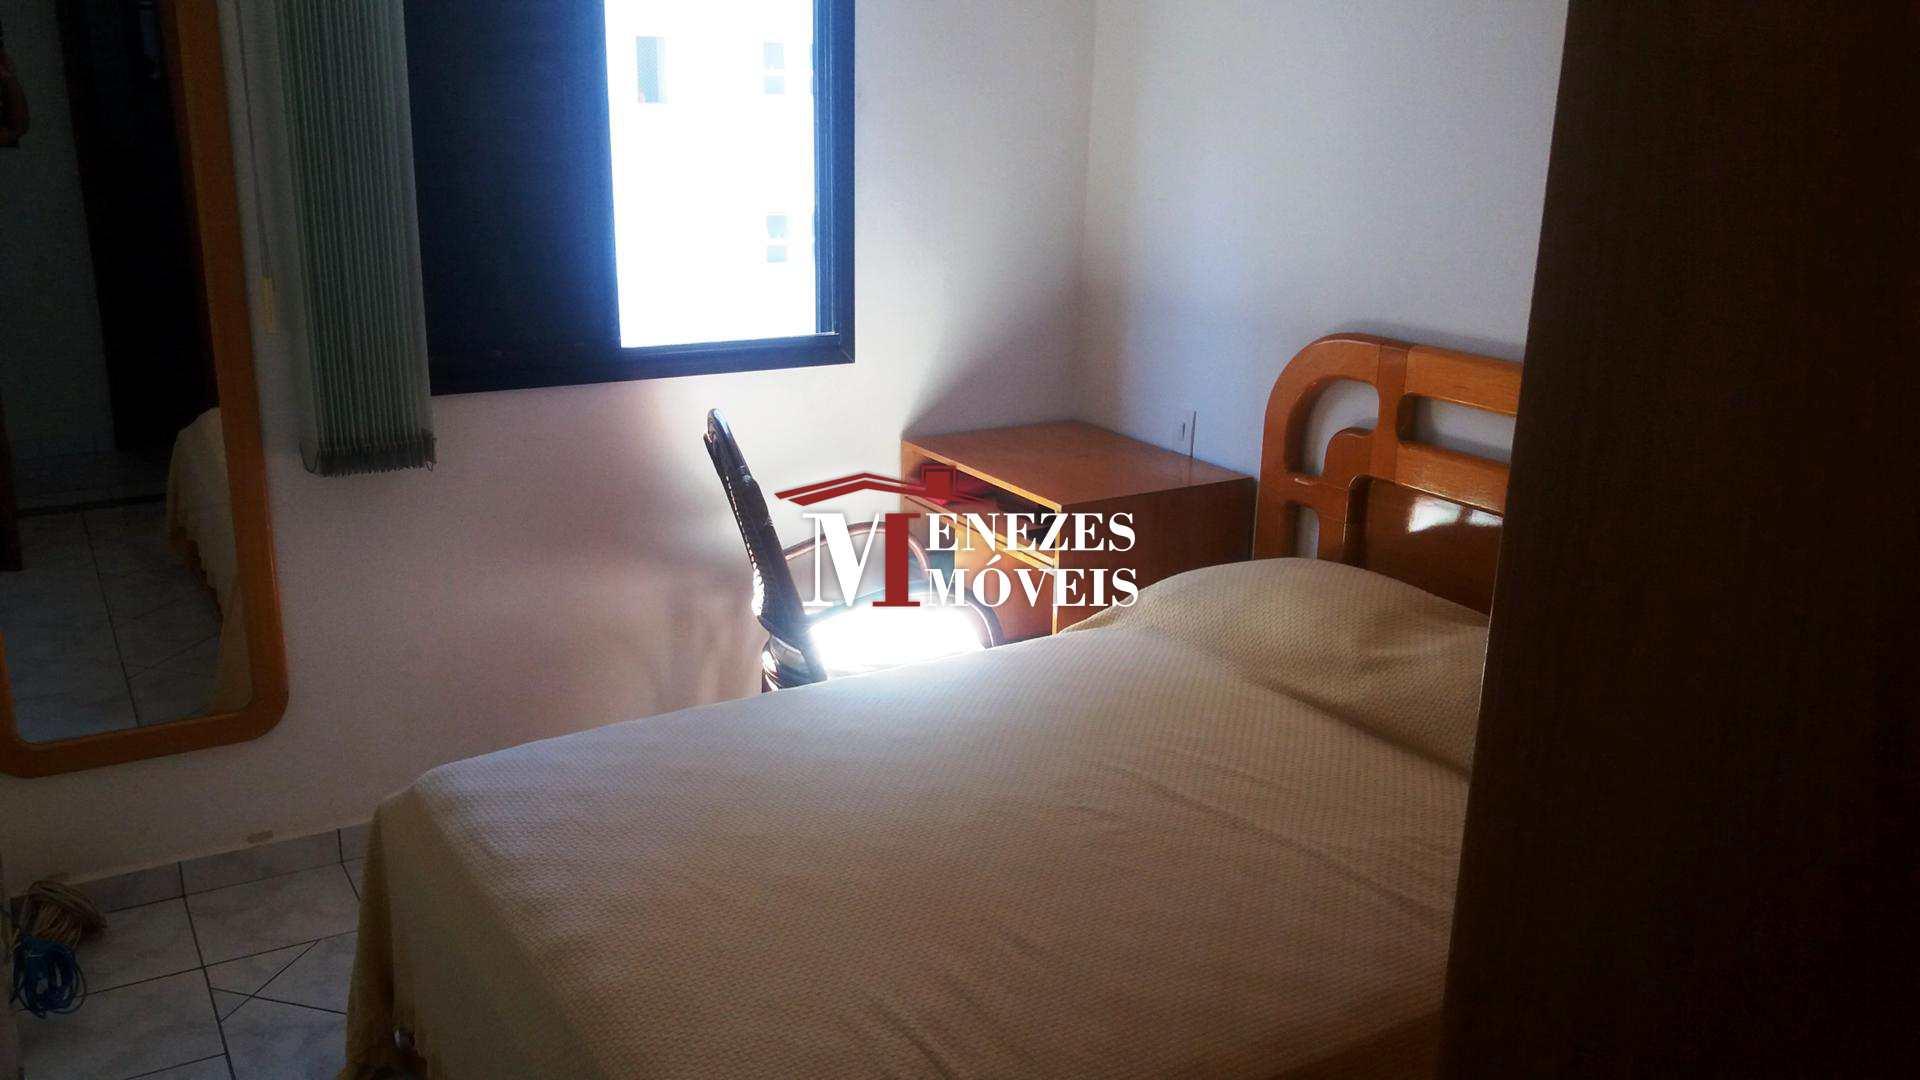 Apartamento a venda em Bertioga FRENTE AO MAR-  Ref. 905